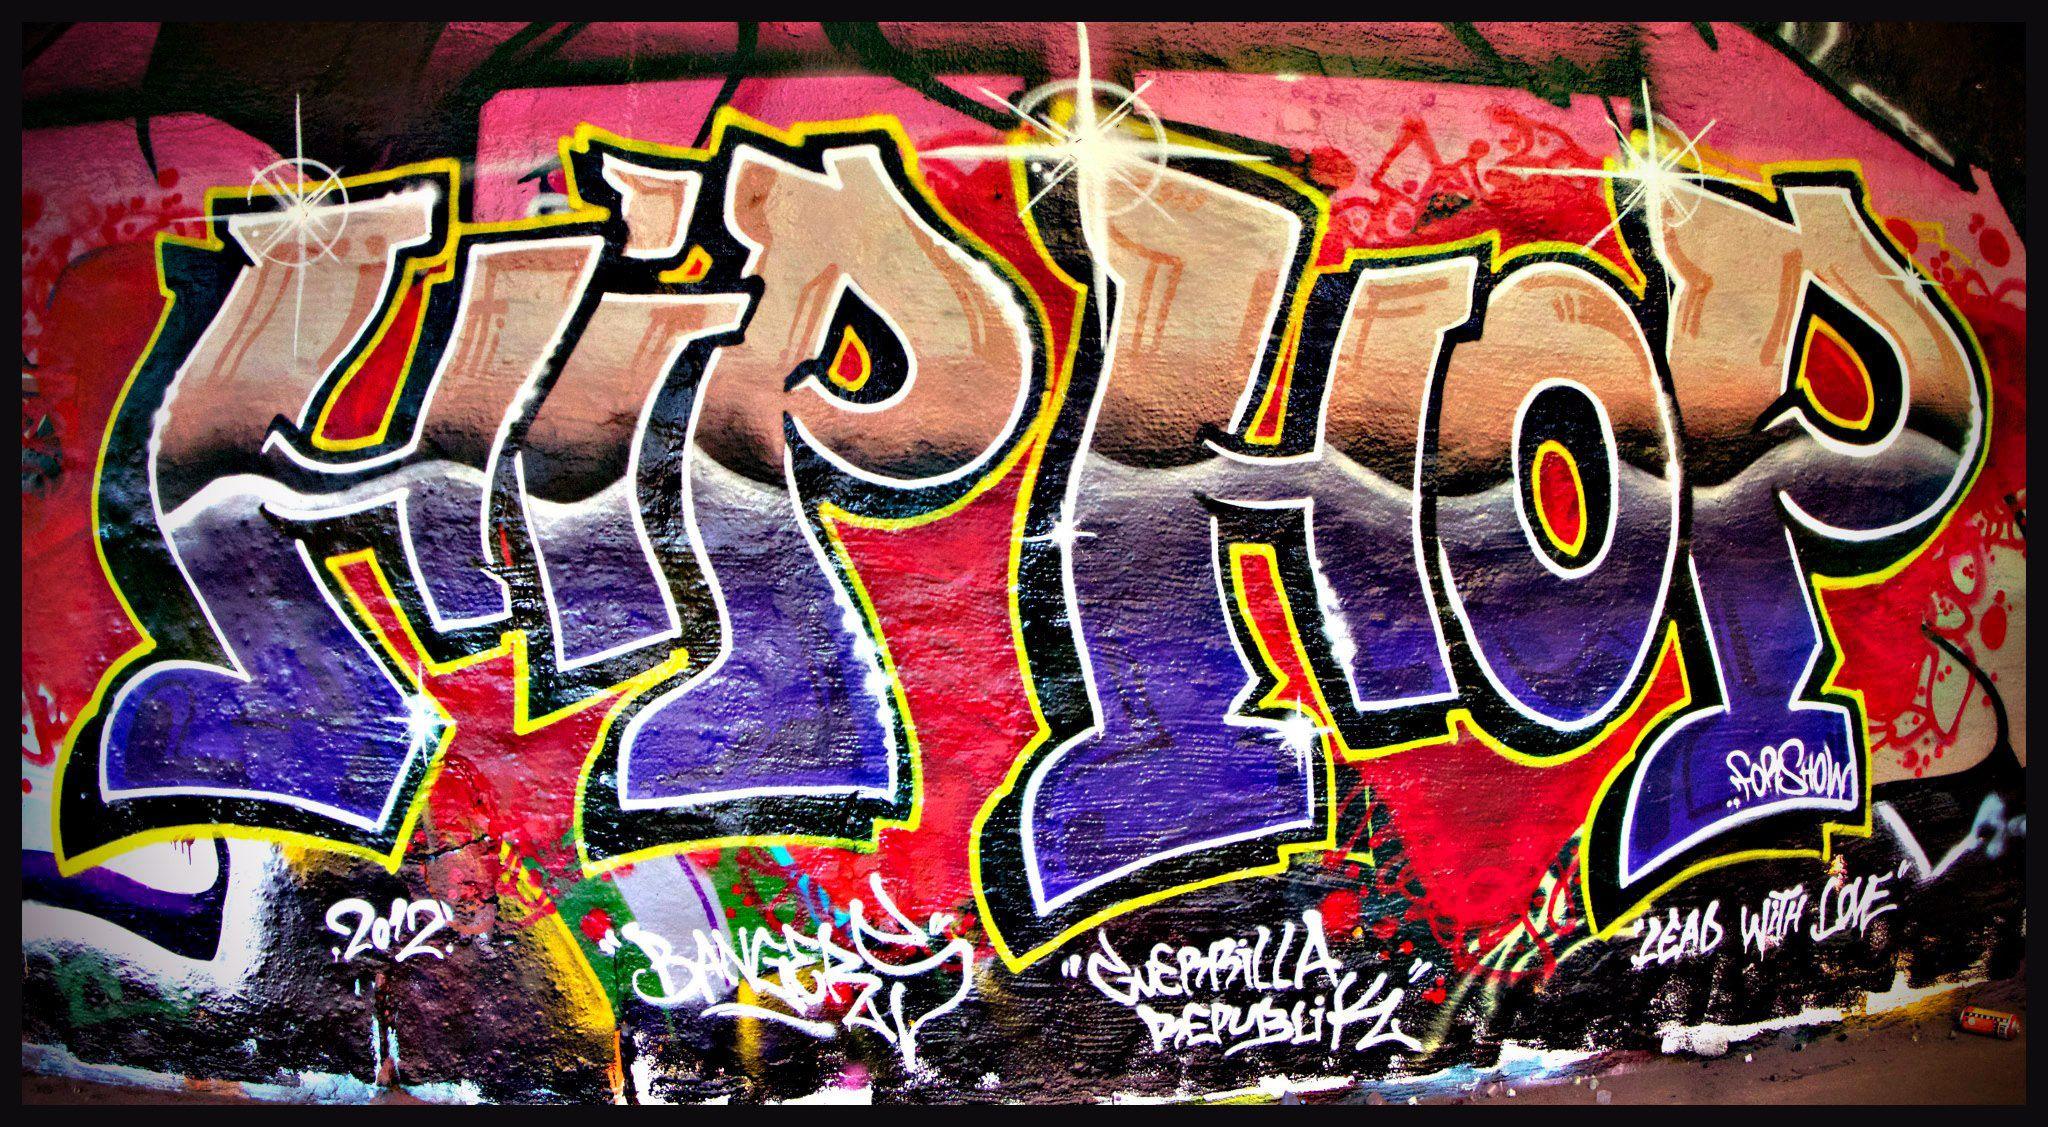 How Hip-Hop Actually Affects America | Hip hop art, Hip hop, Graffiti wallpaper